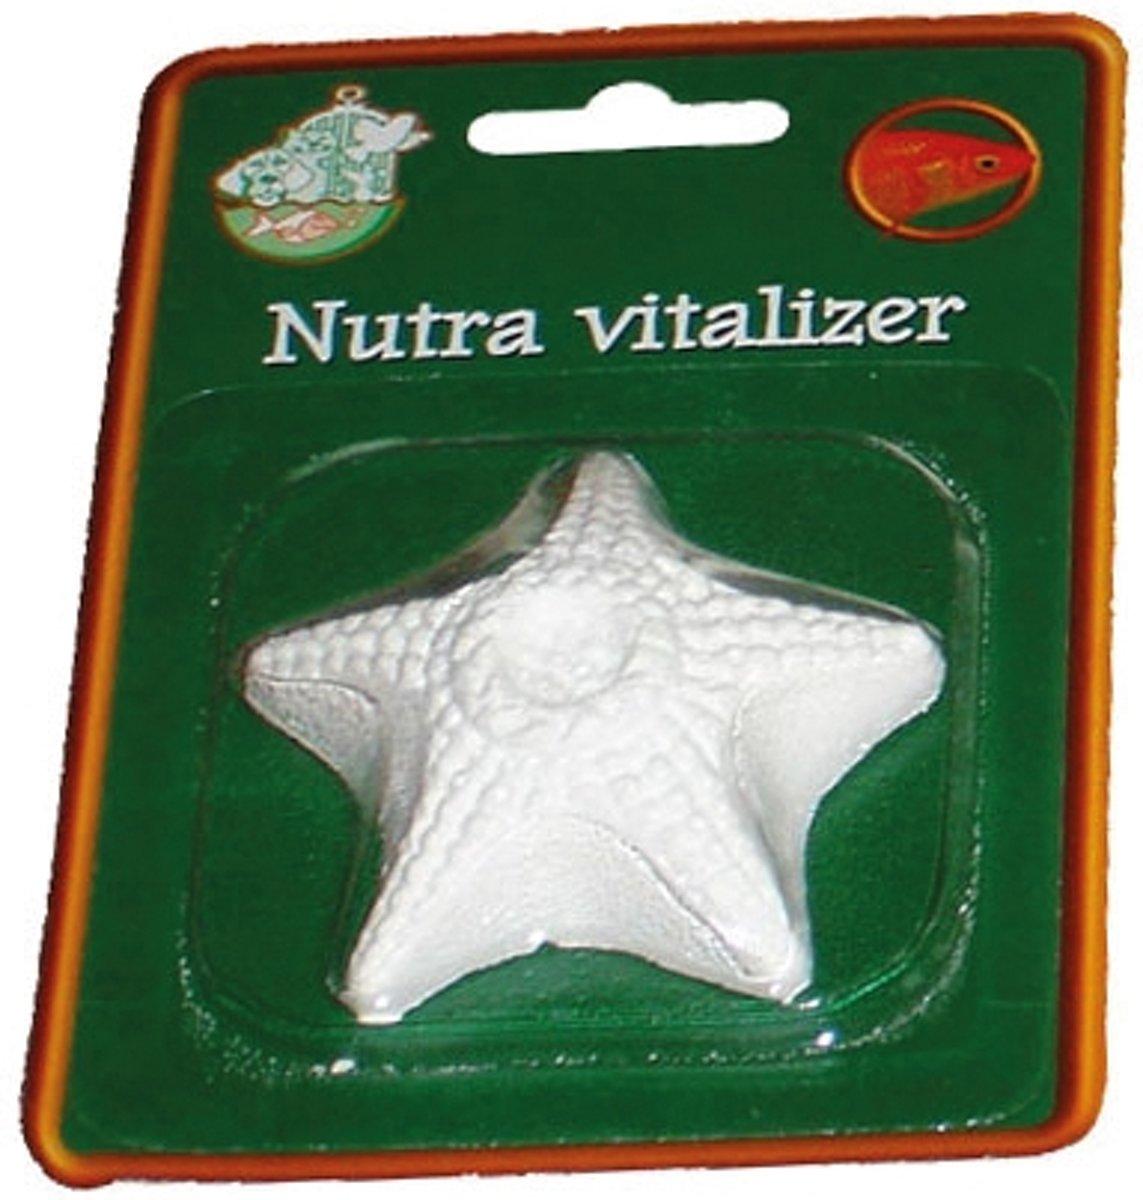 Nutra Vitalizer Zuurstofsteen - Aquarium Beluchting - 3 stuks kopen